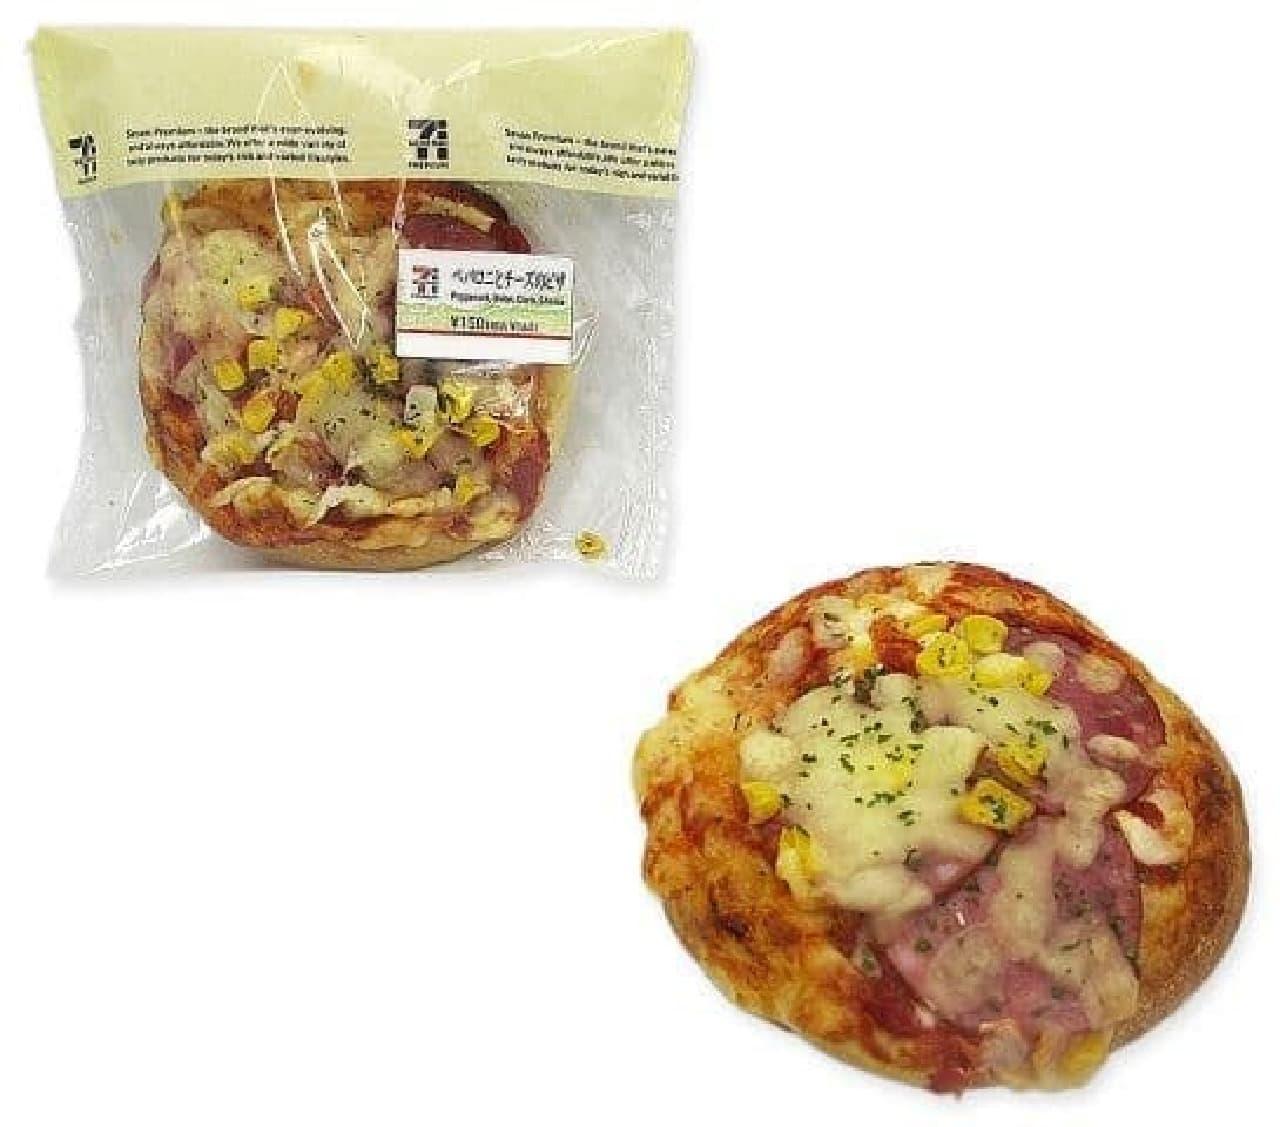 セブン-イレブン「ペパロニとチーズのピザ」